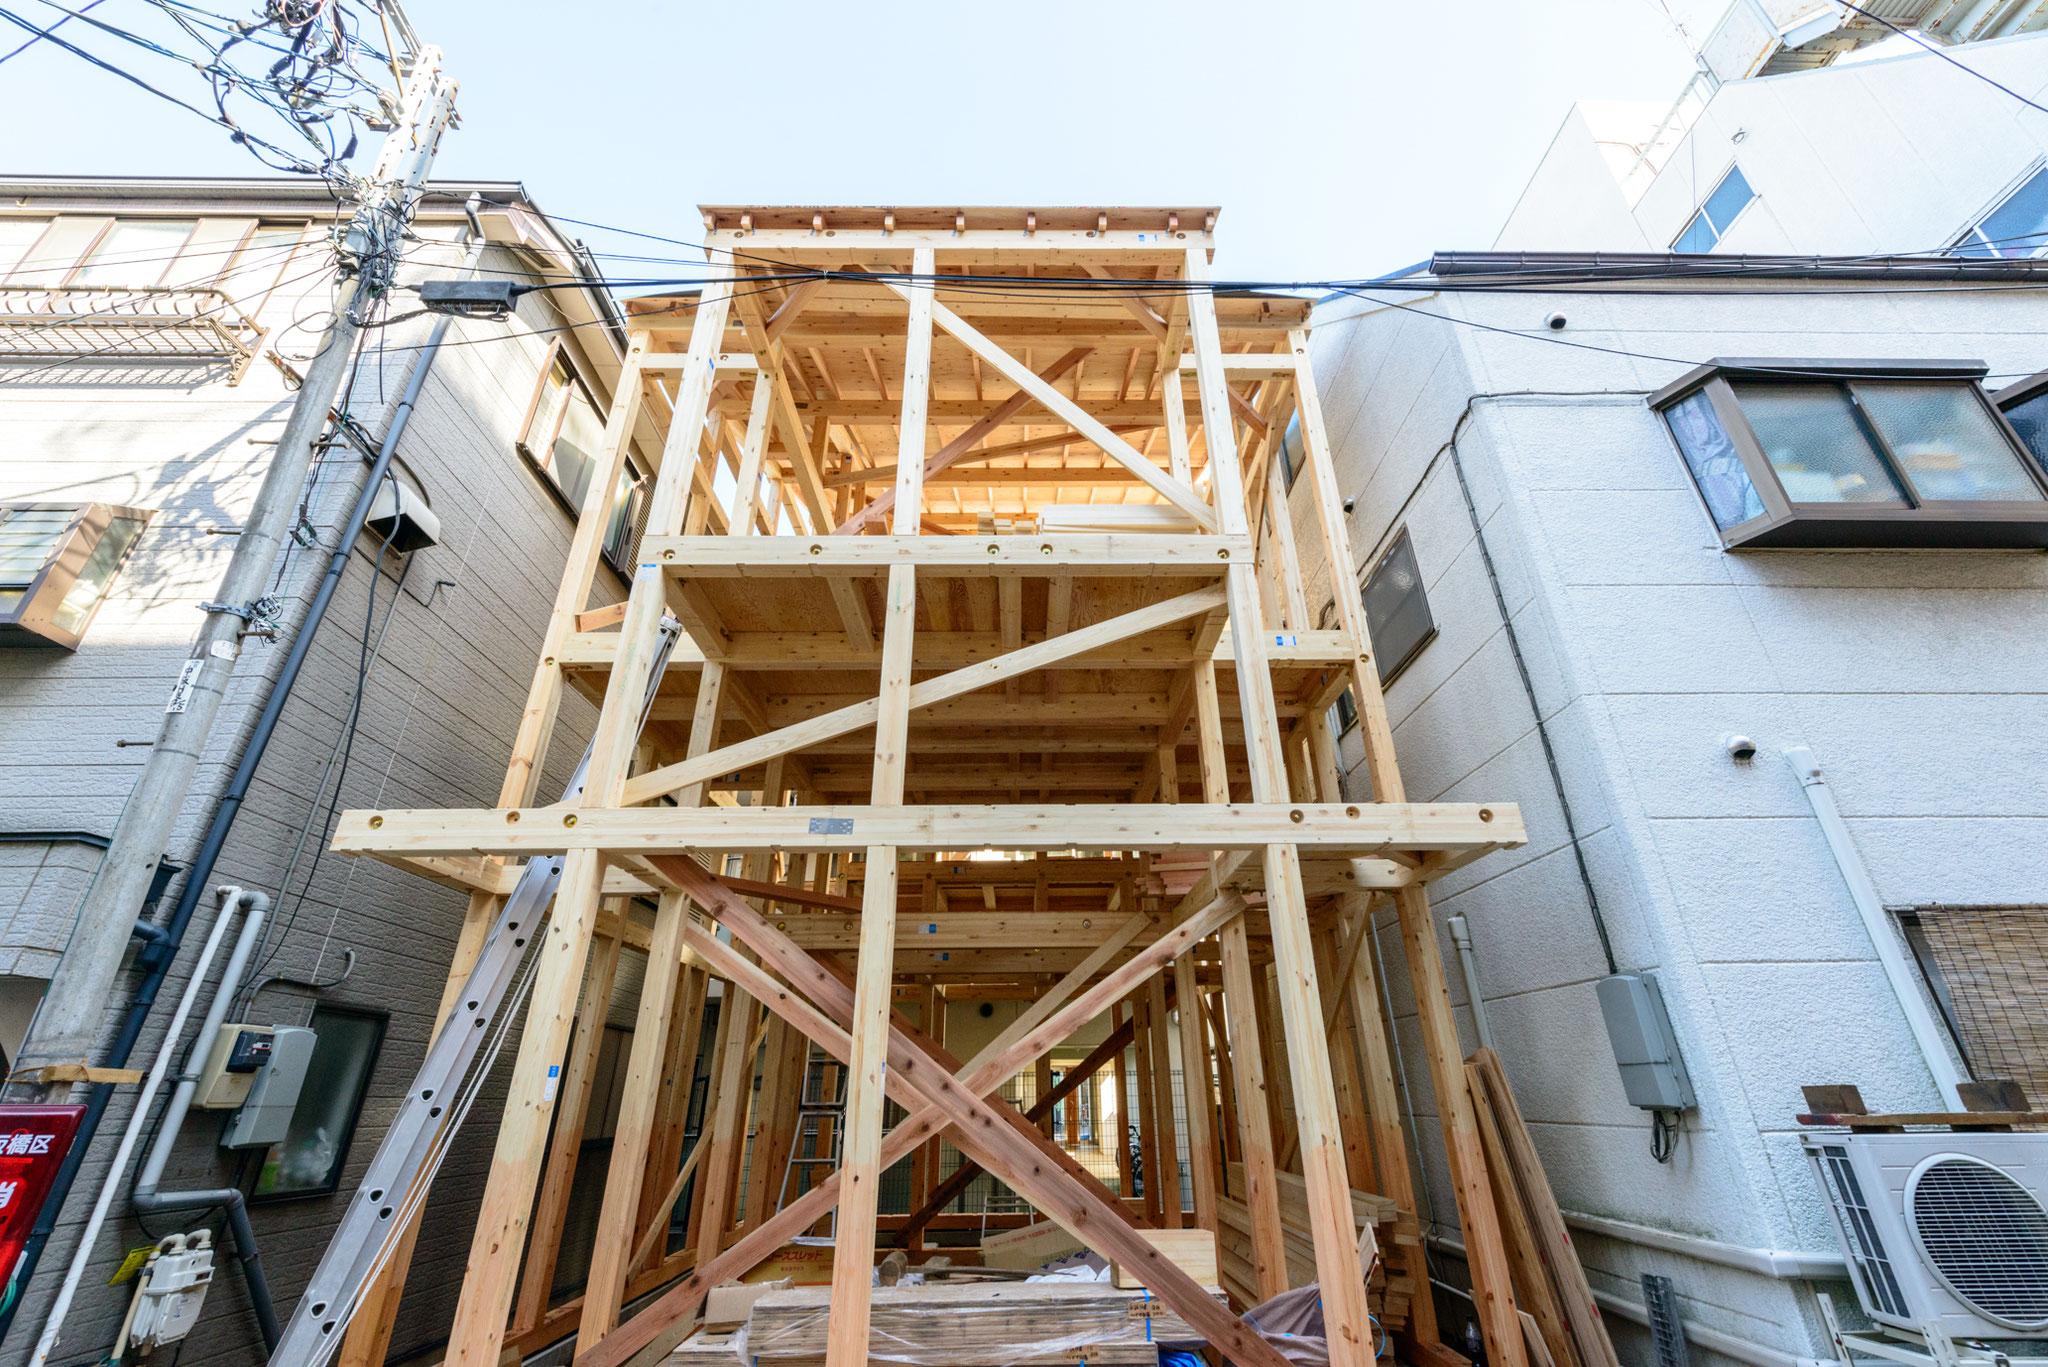 2018年3月4日建て方1(2階建てですが両側の建物と高さは変わりません)